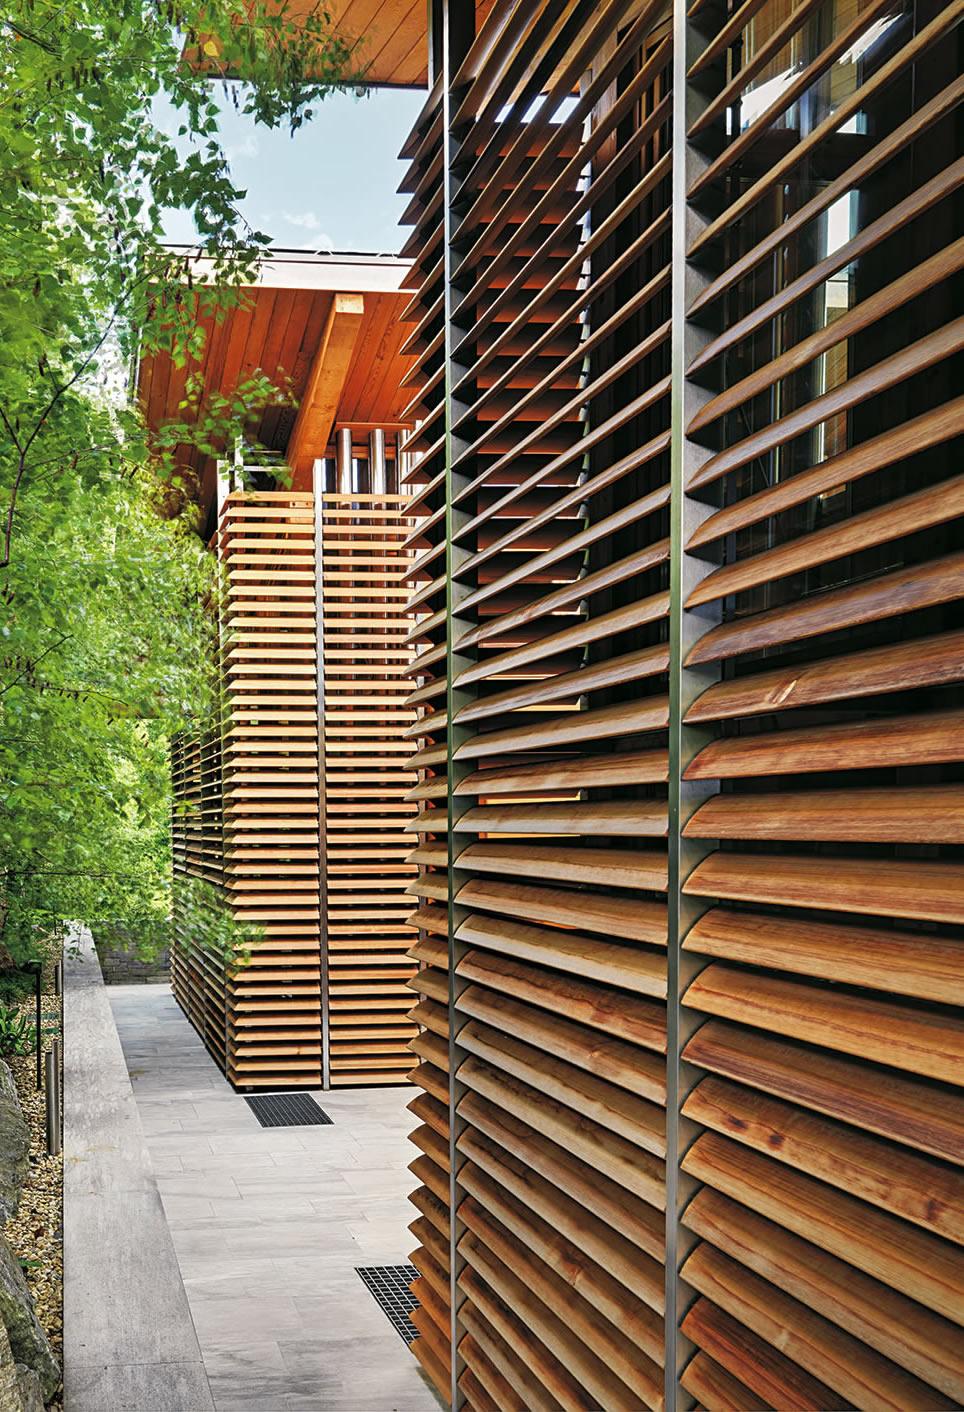 Pianifica Il Divisori Per Giardino Foto Di Giardino Idea